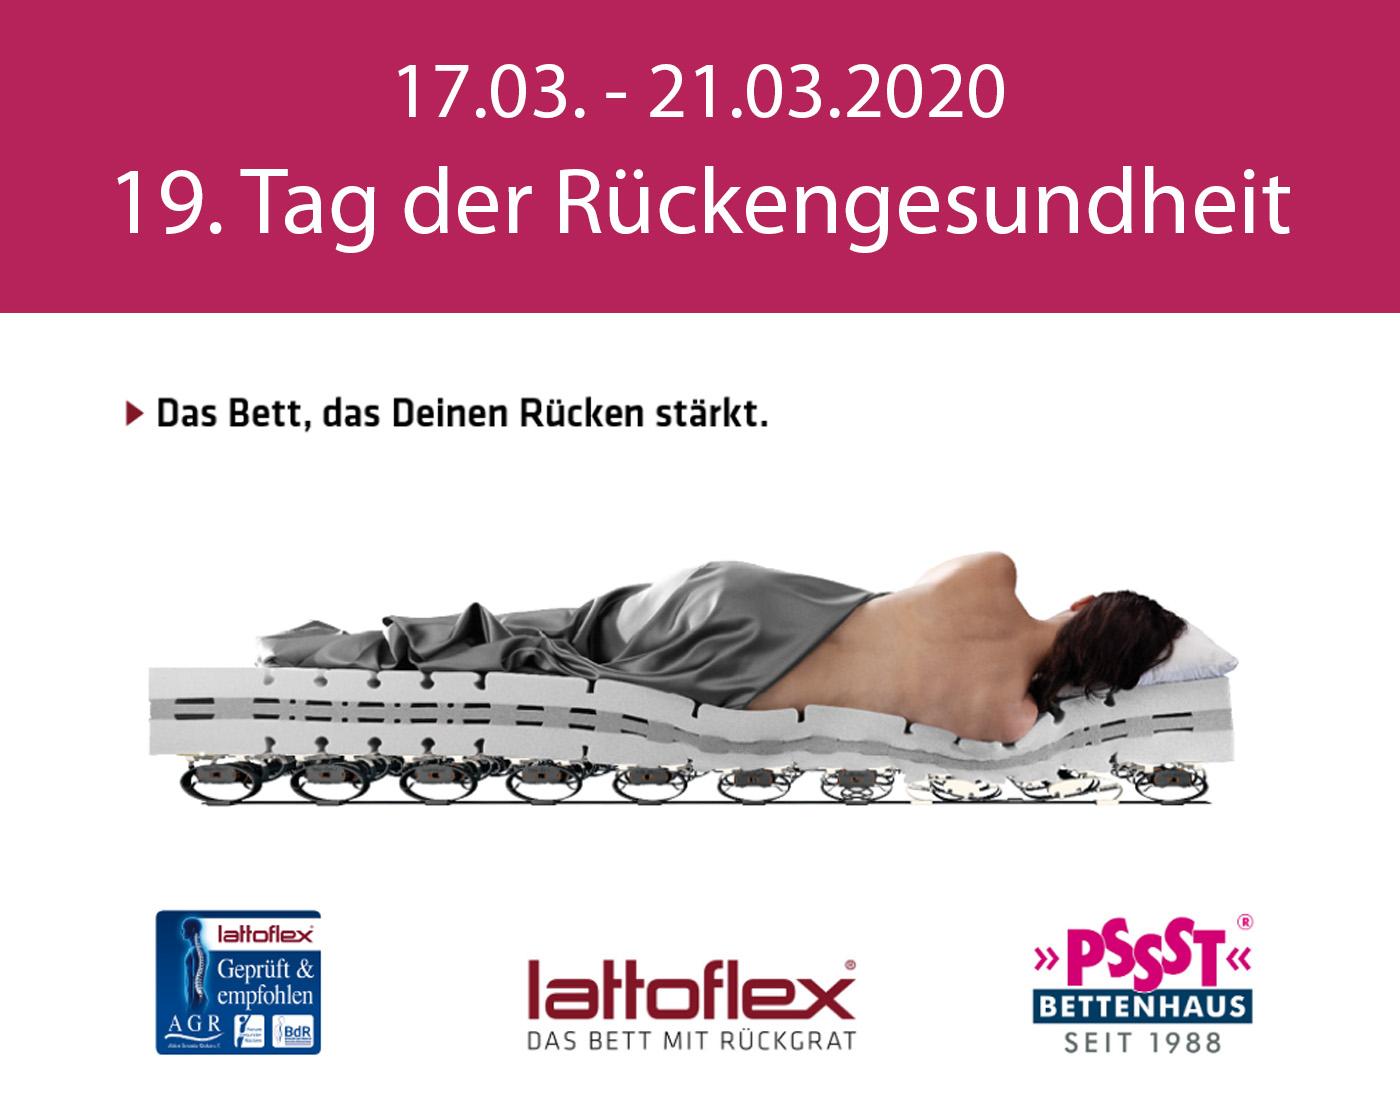 PSSST Bettenhaus Freiburg - 19. Tag der Rückengesundheit - 17.03.-21.03.2020